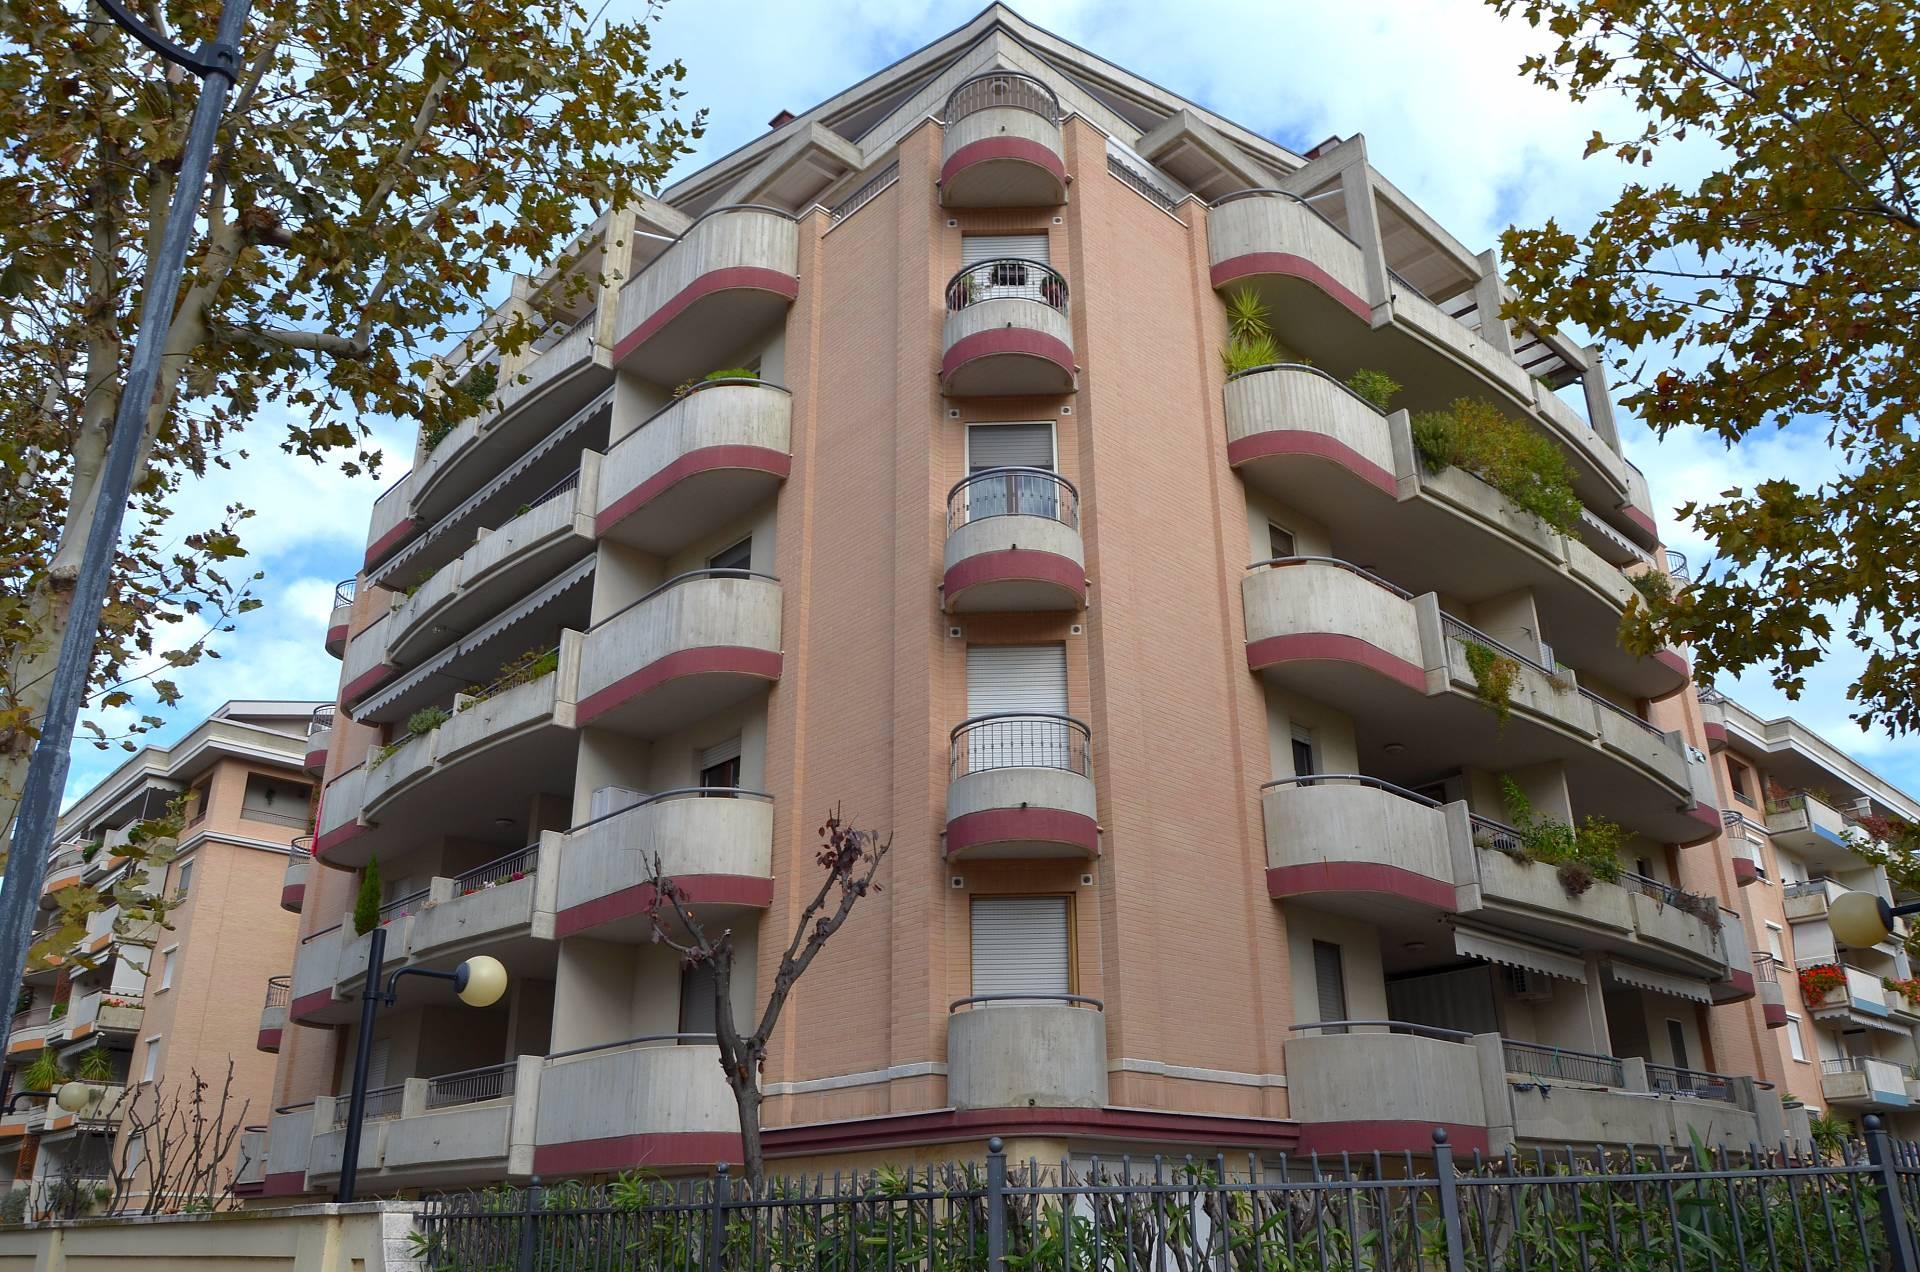 Appartamento in vendita a Montesilvano, 4 locali, zona Località: mare, prezzo € 259.000 | CambioCasa.it